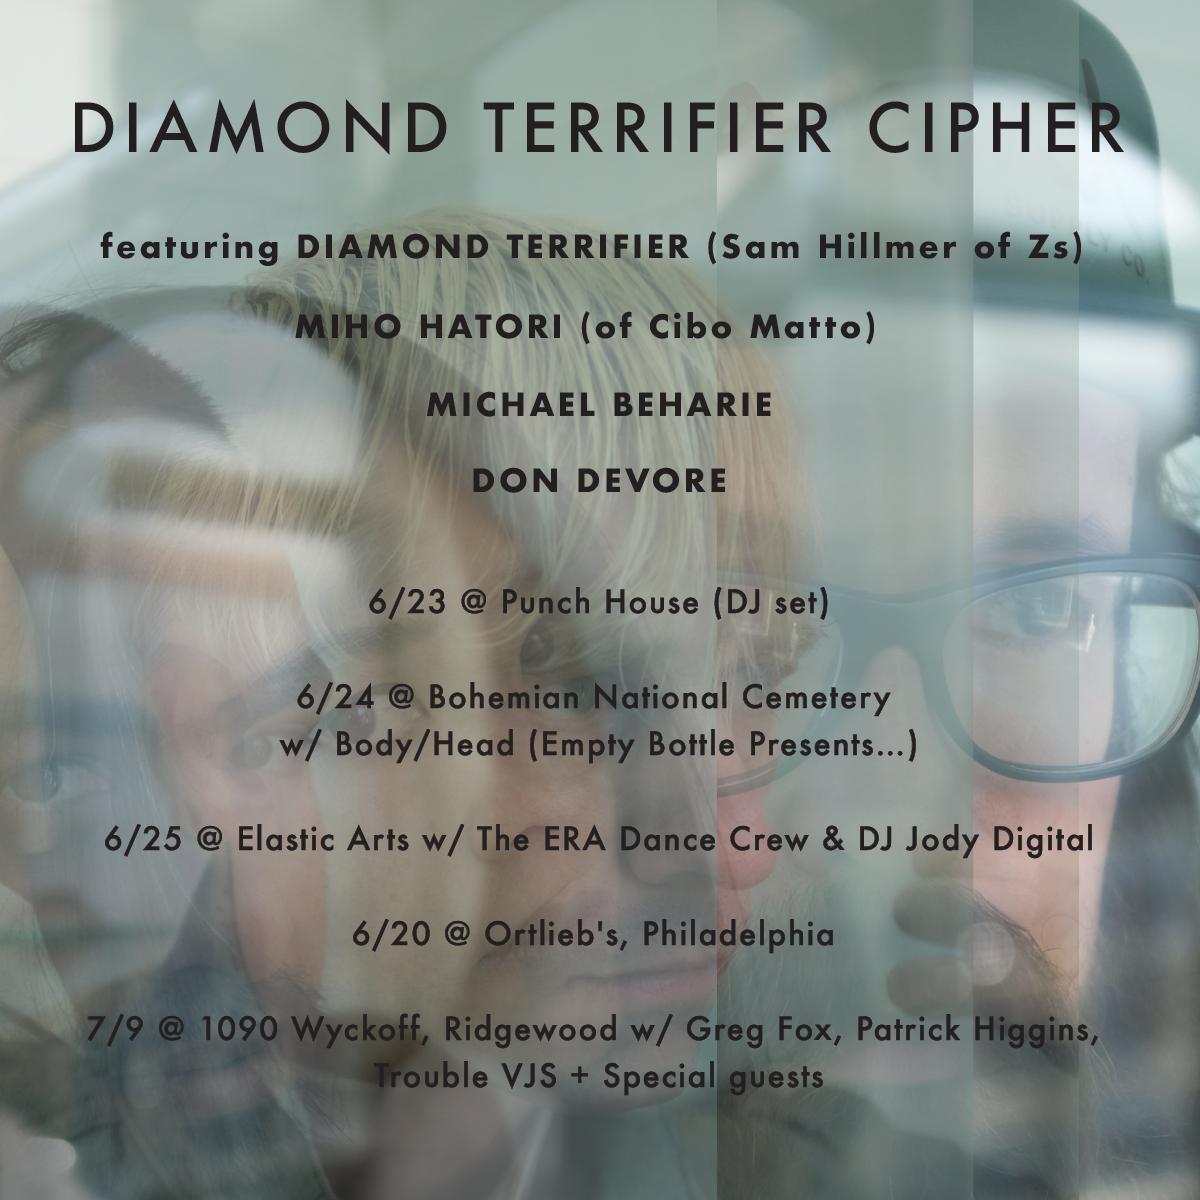 Diamond Terrifier Cipher tour poster